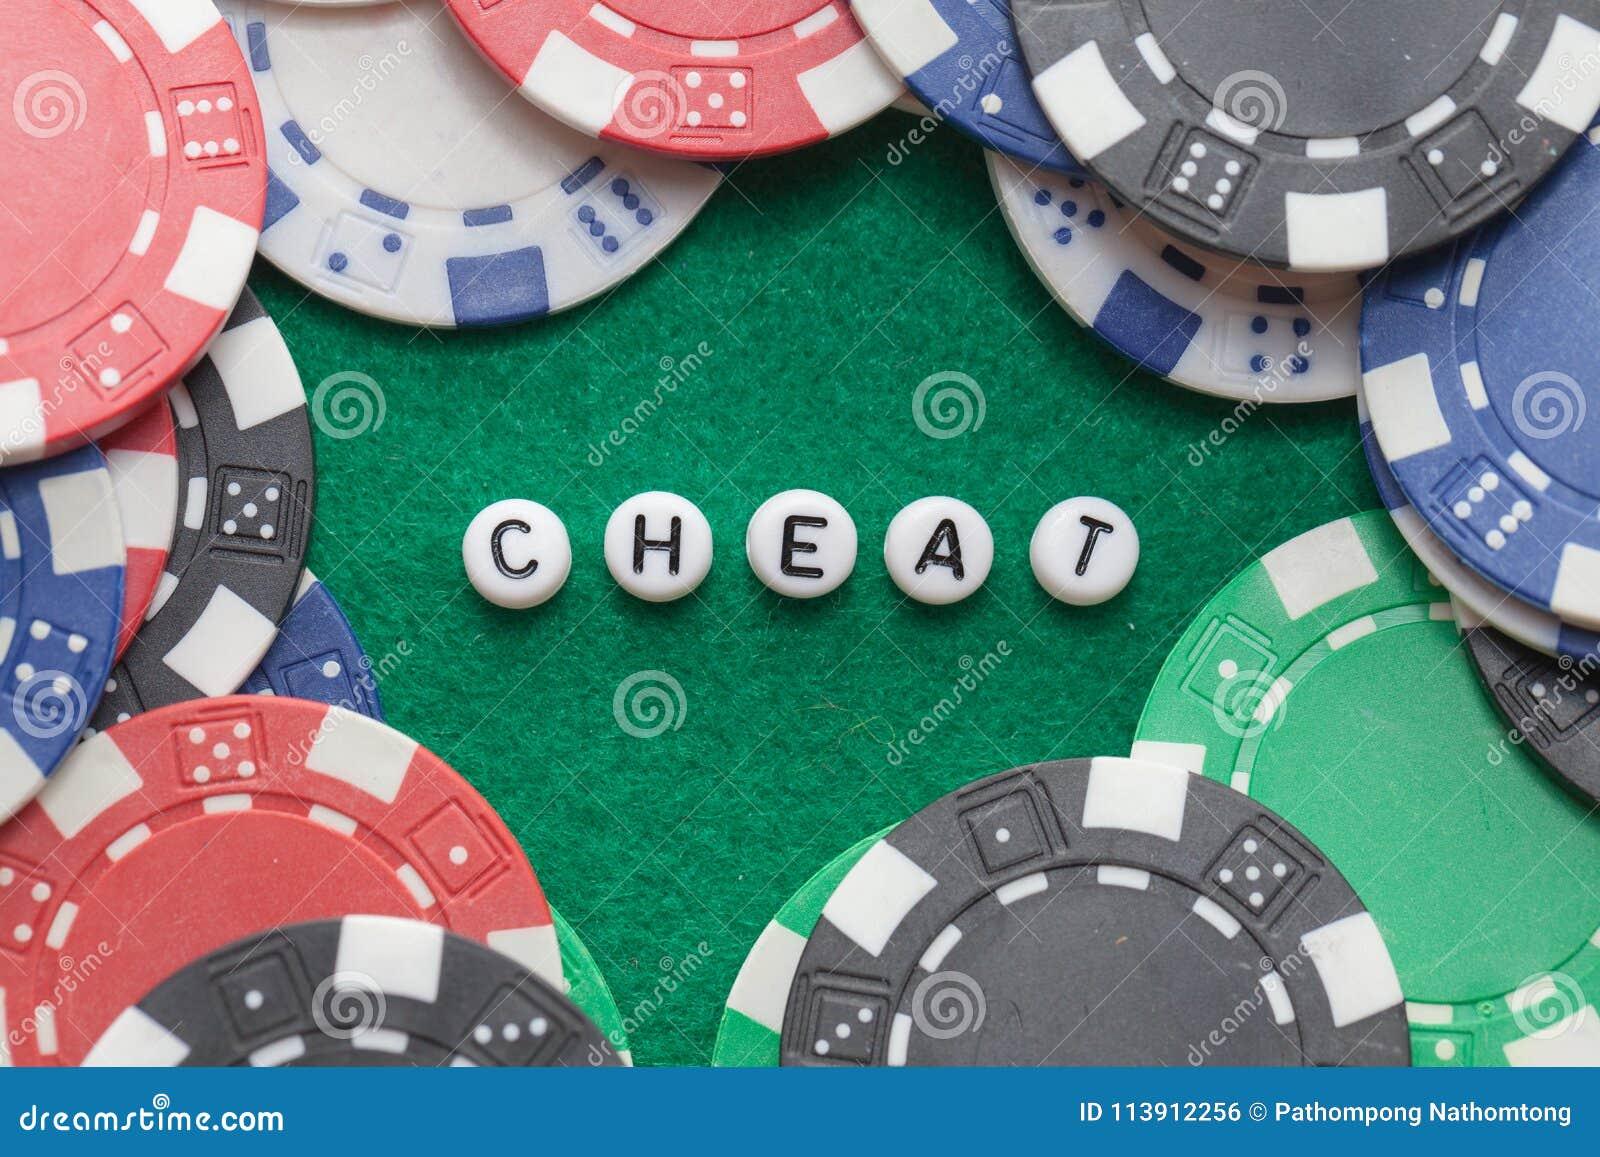 Download casino games slot cheats poker chips marshall michigan casino